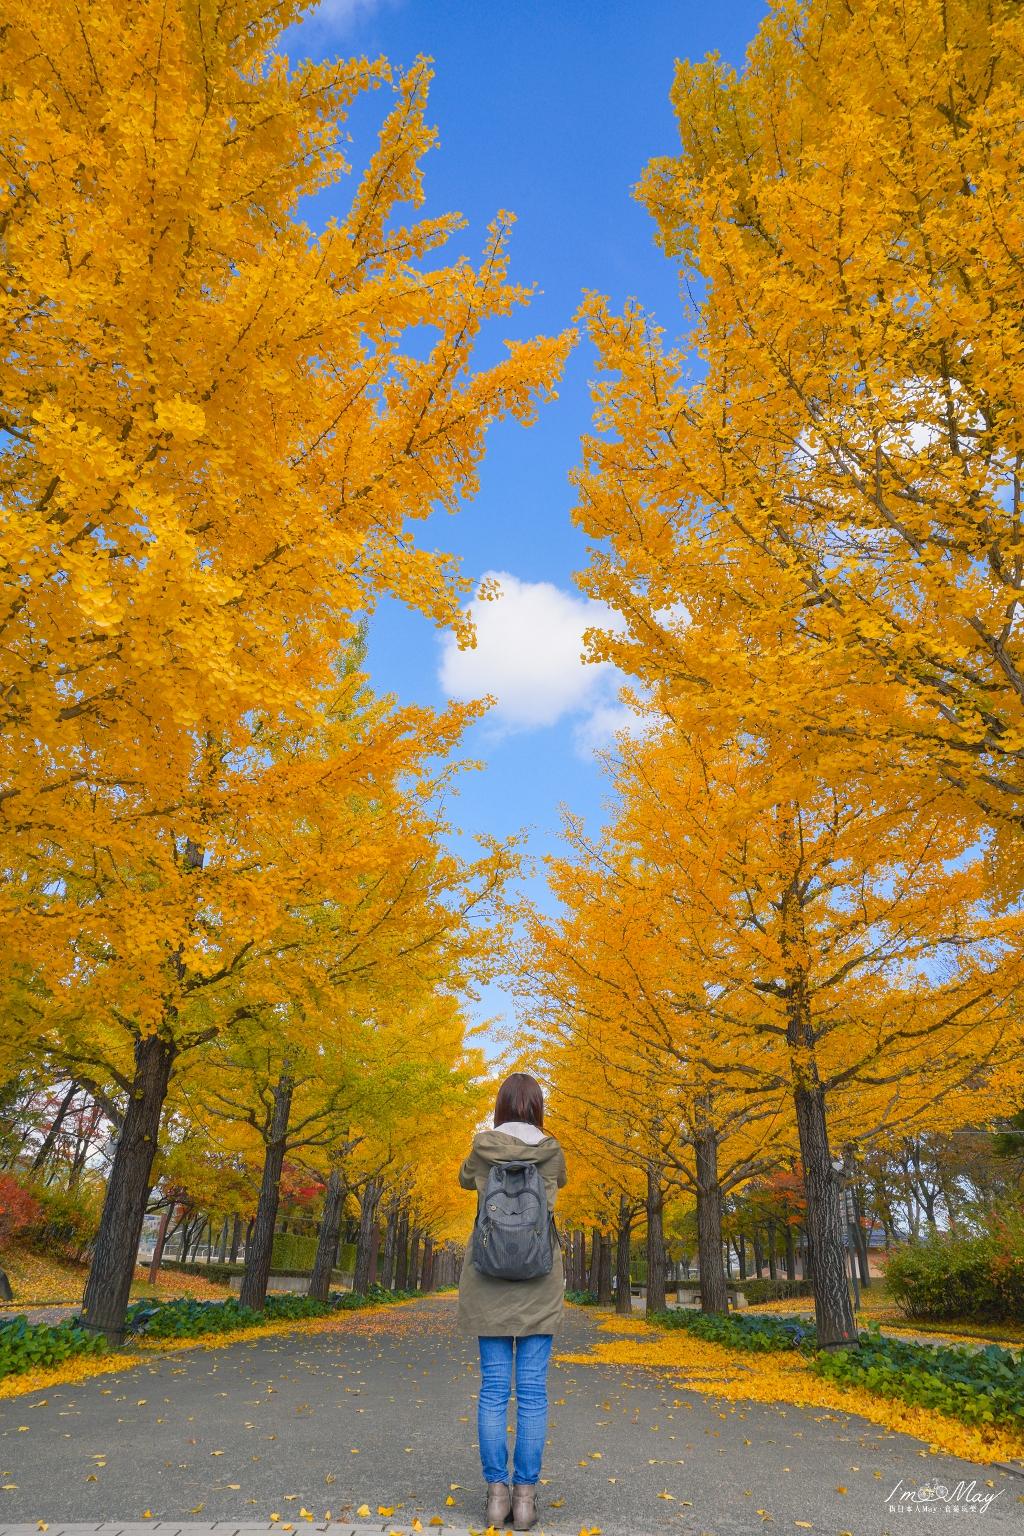 福島 | 漫步在璀璨金黃的銀杏大道下「あづま総合運動公園のイチョウ並木」(吾妻綜合運動公園) | 超過百顆銀杏樹排列而成的絕美步道、福島秋季景點 @偽日本人May.食遊玩樂